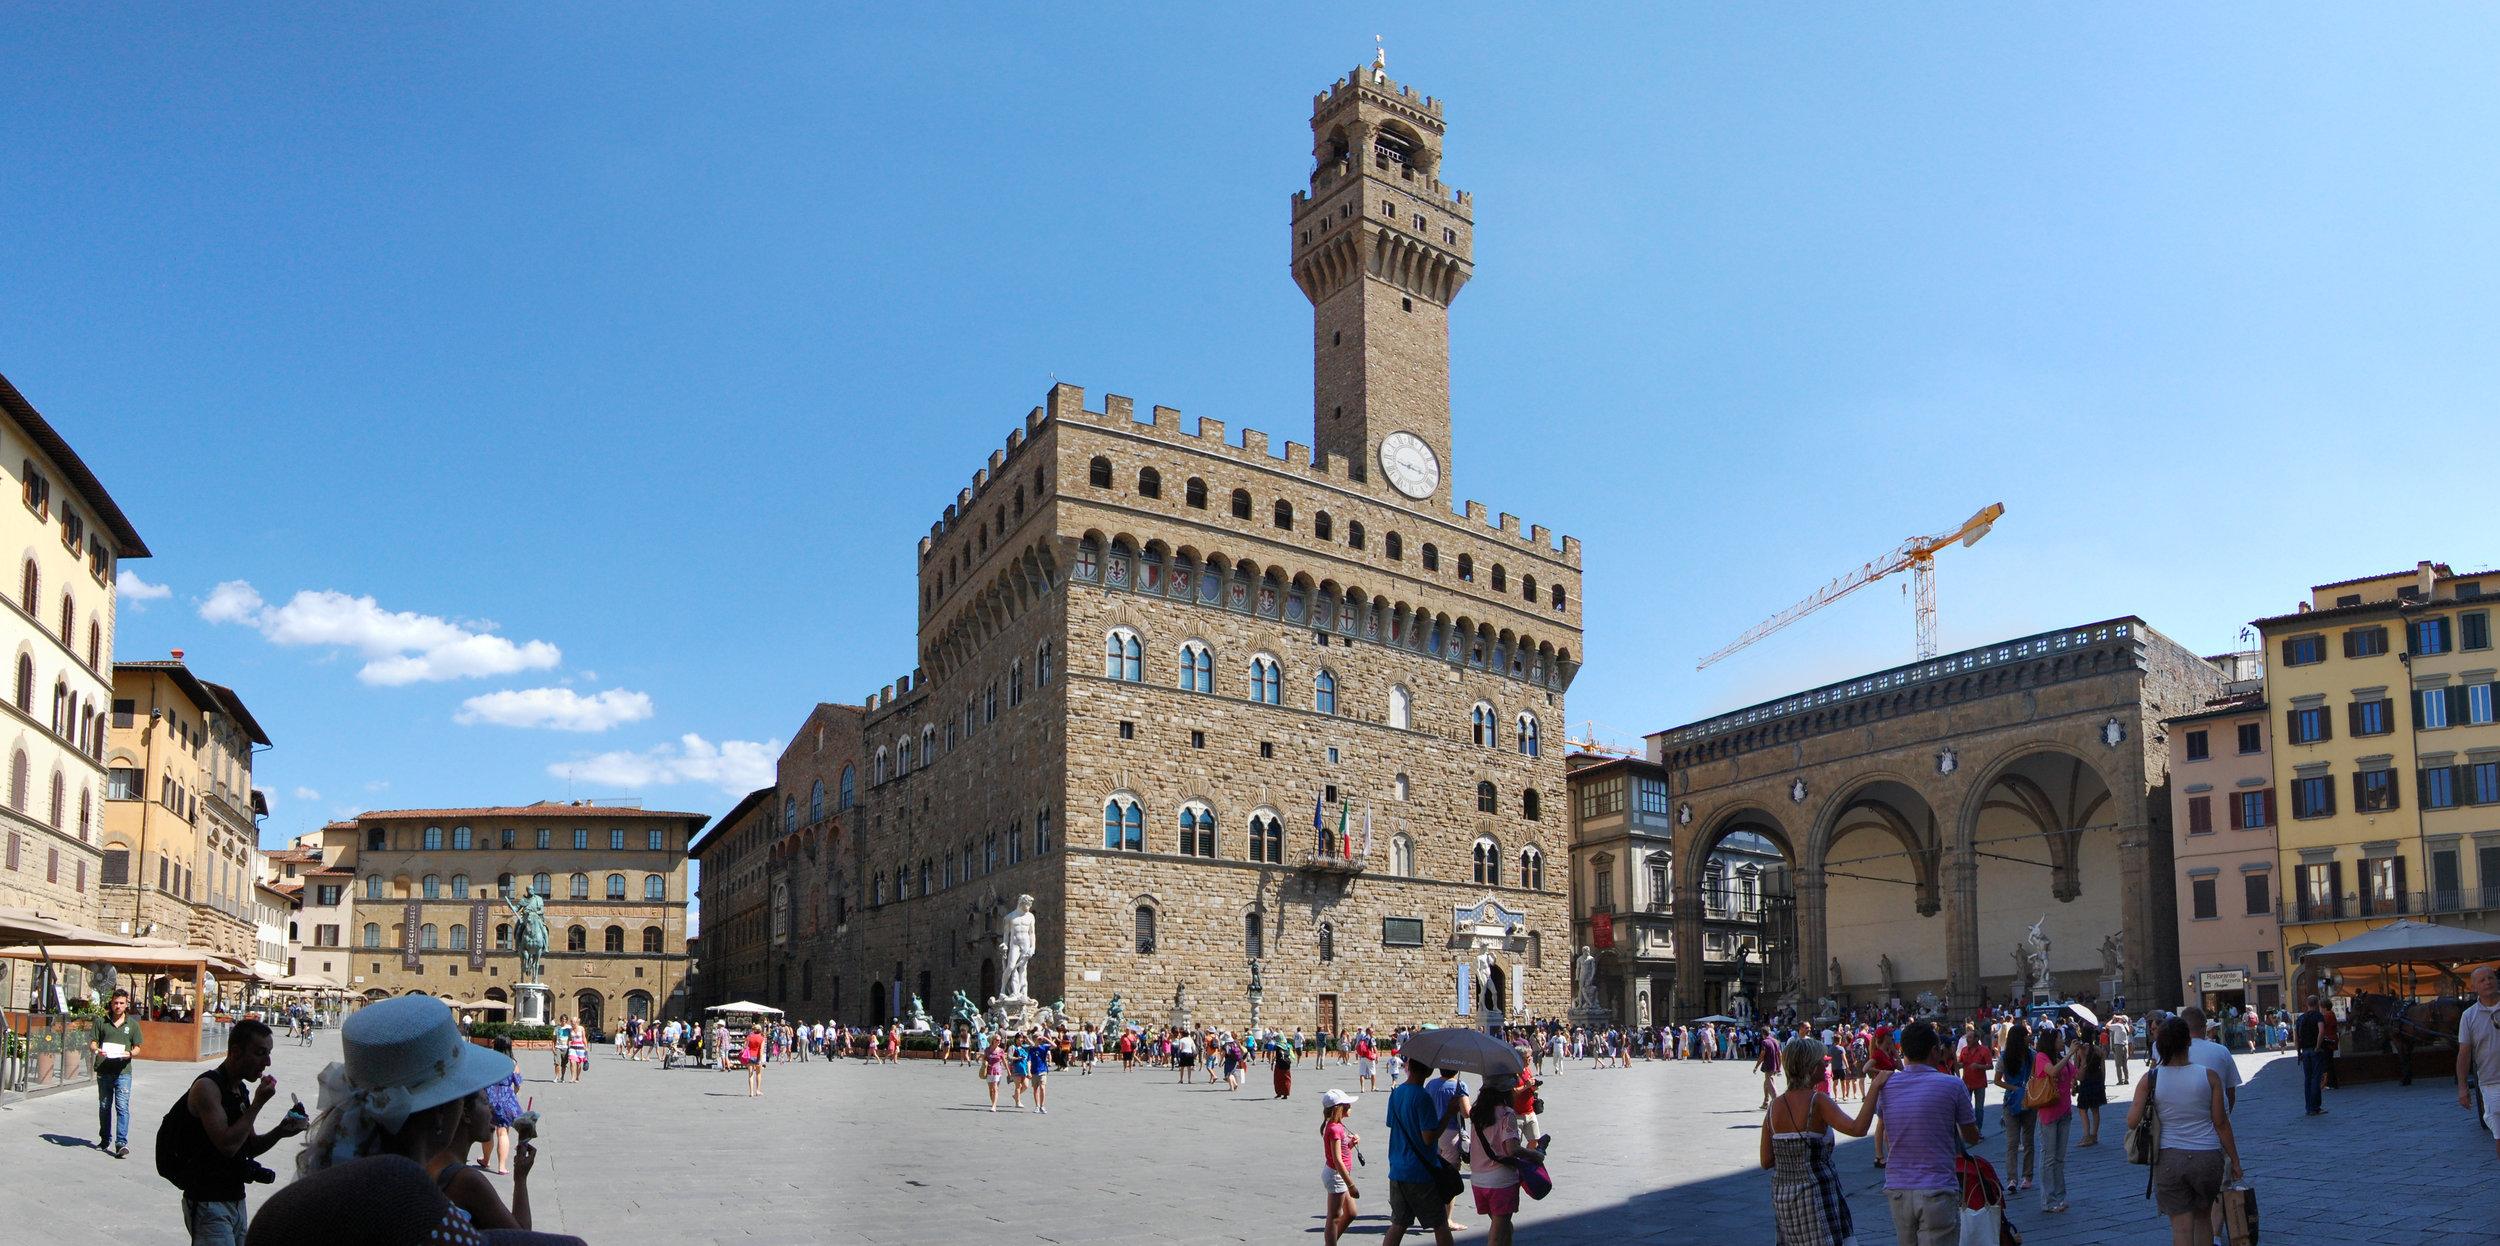 Piazza_Signoria_-_Firenze.jpg